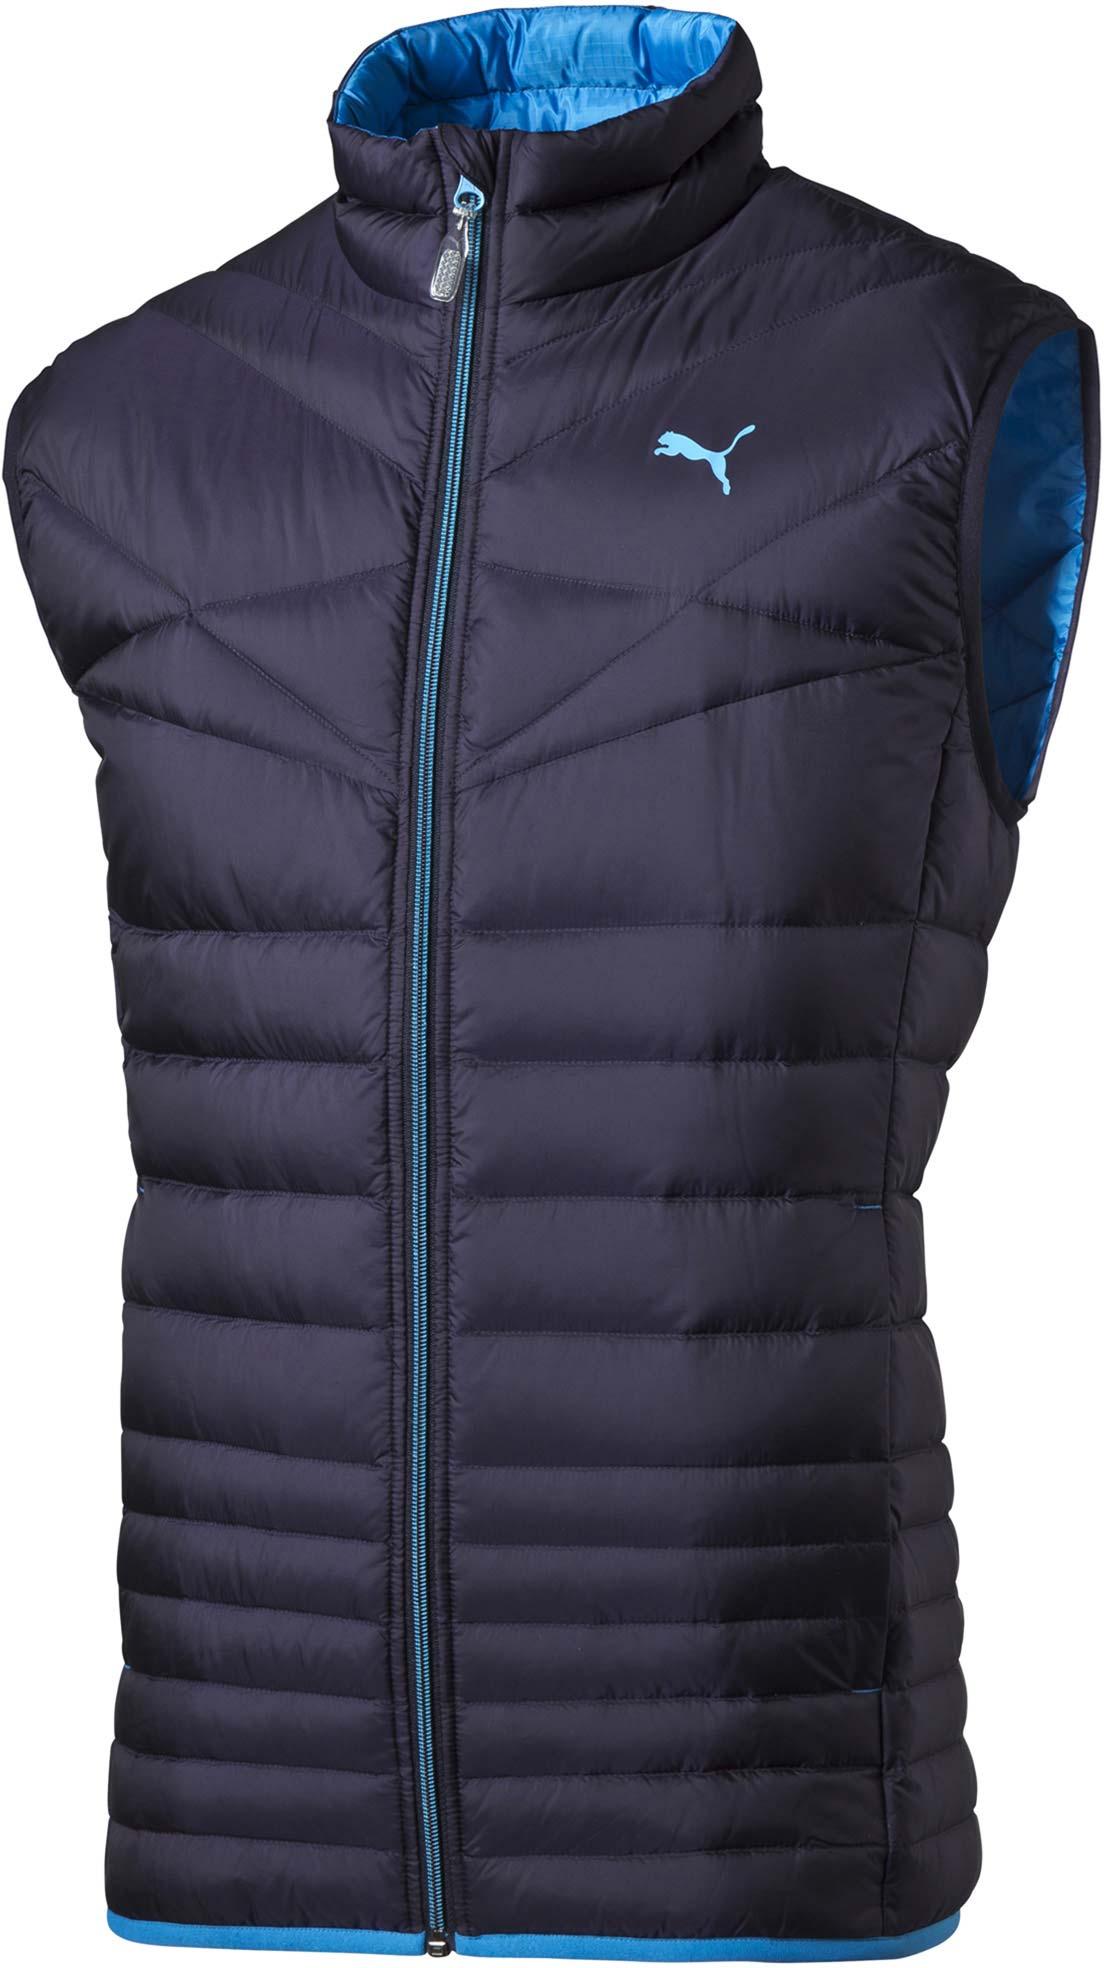 ACT 600 PACKLIGHT DOWN VEST - Pánská módní zimní vesta